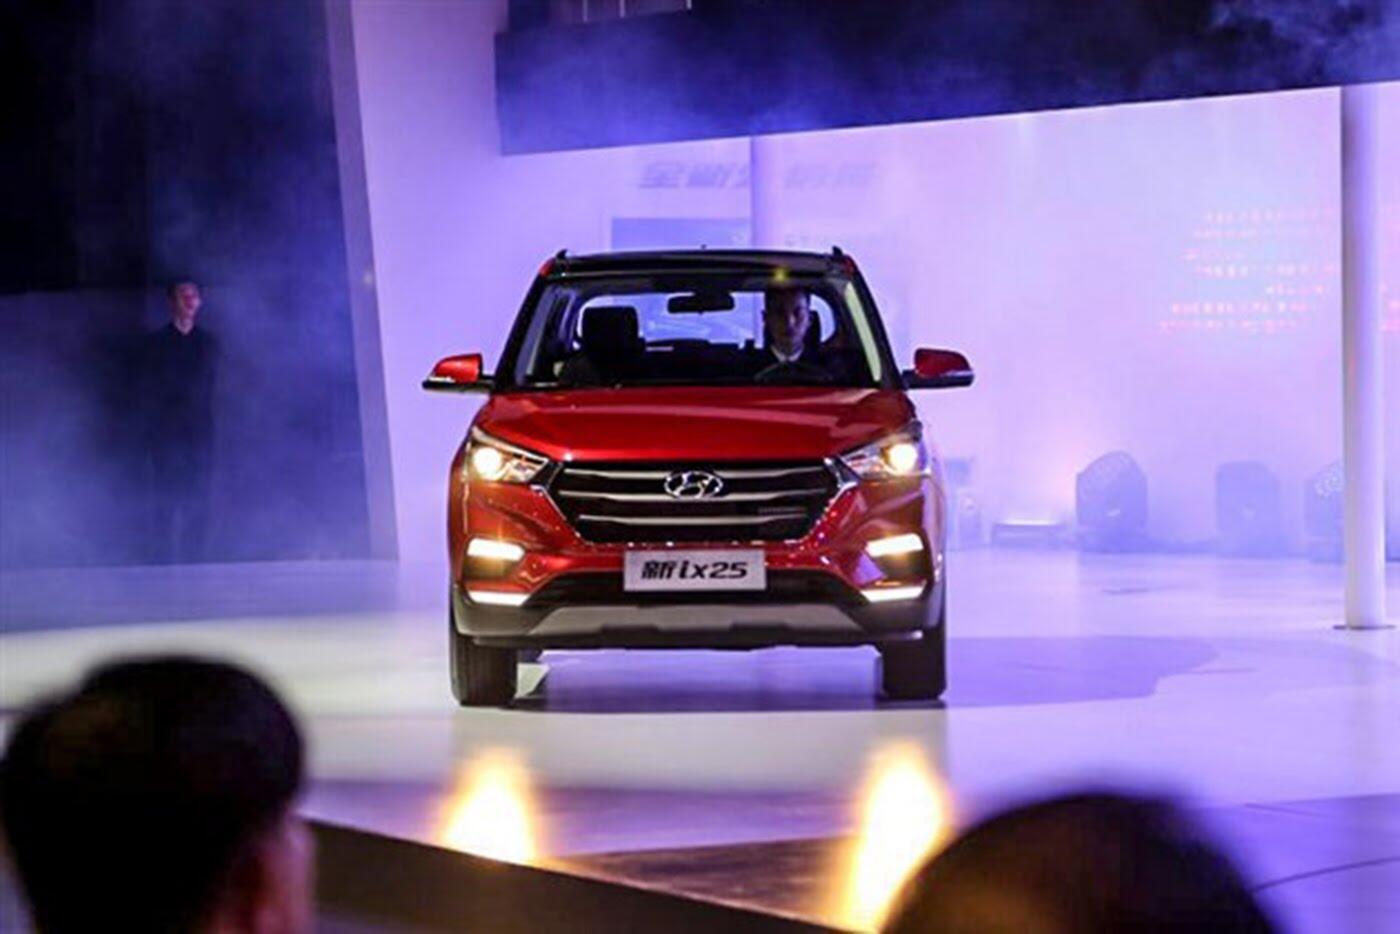 Hyundai Creta 2017 phiên bản nâng cấp chính thức trình làng - Hình 2